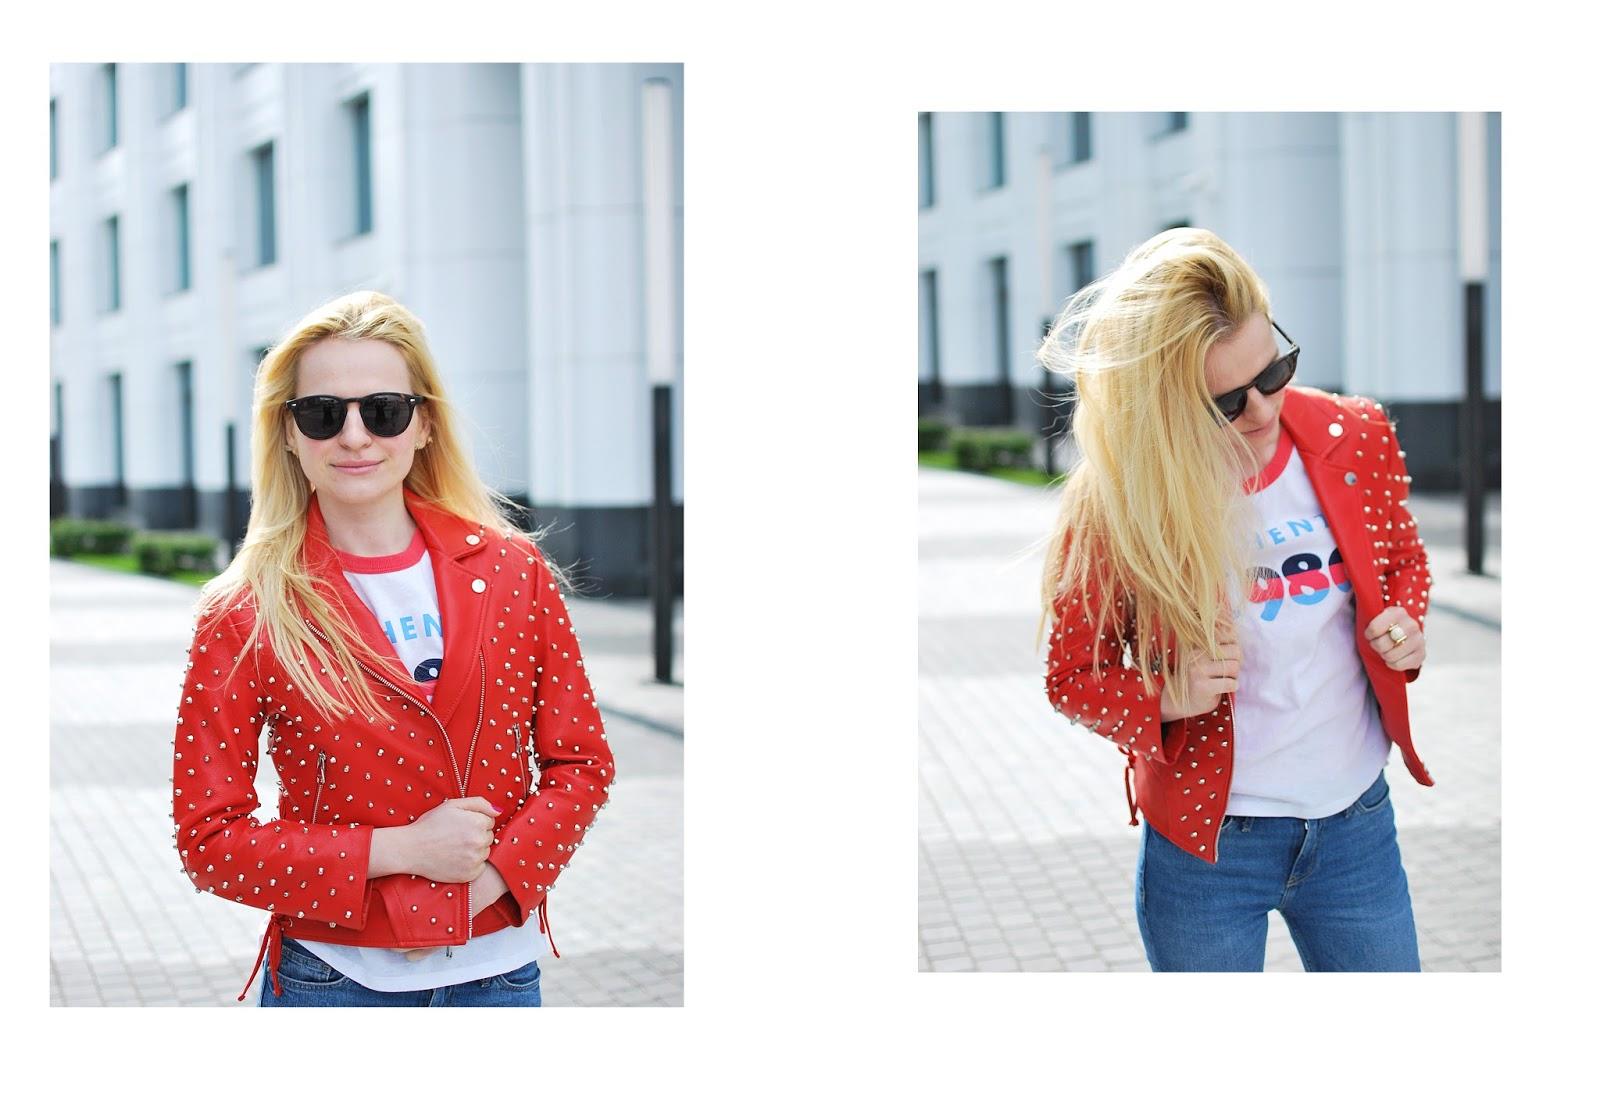 costa de la moda, costa moda blog, bloguera rusa, bloguera popular moda,